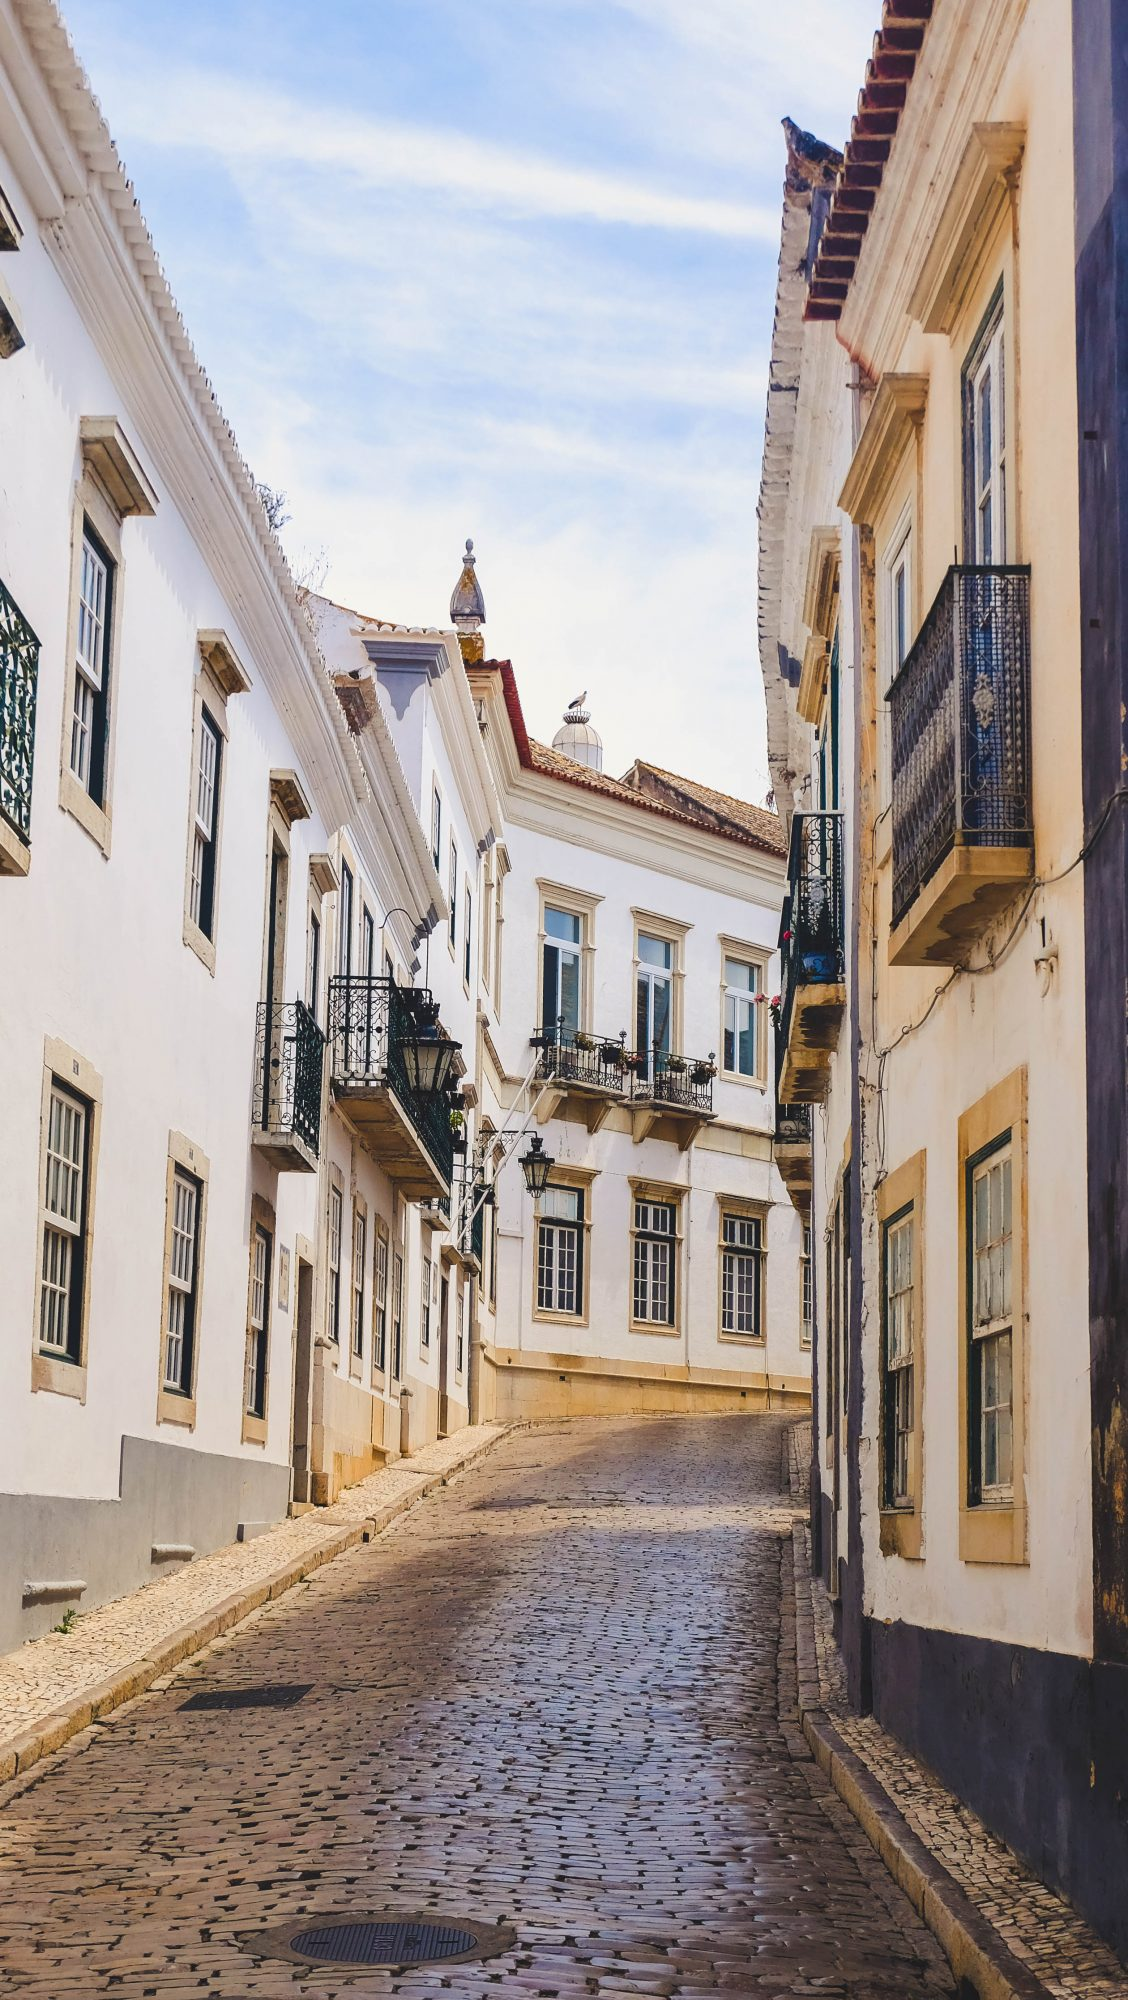 Rue parallele - Faro, Portugal